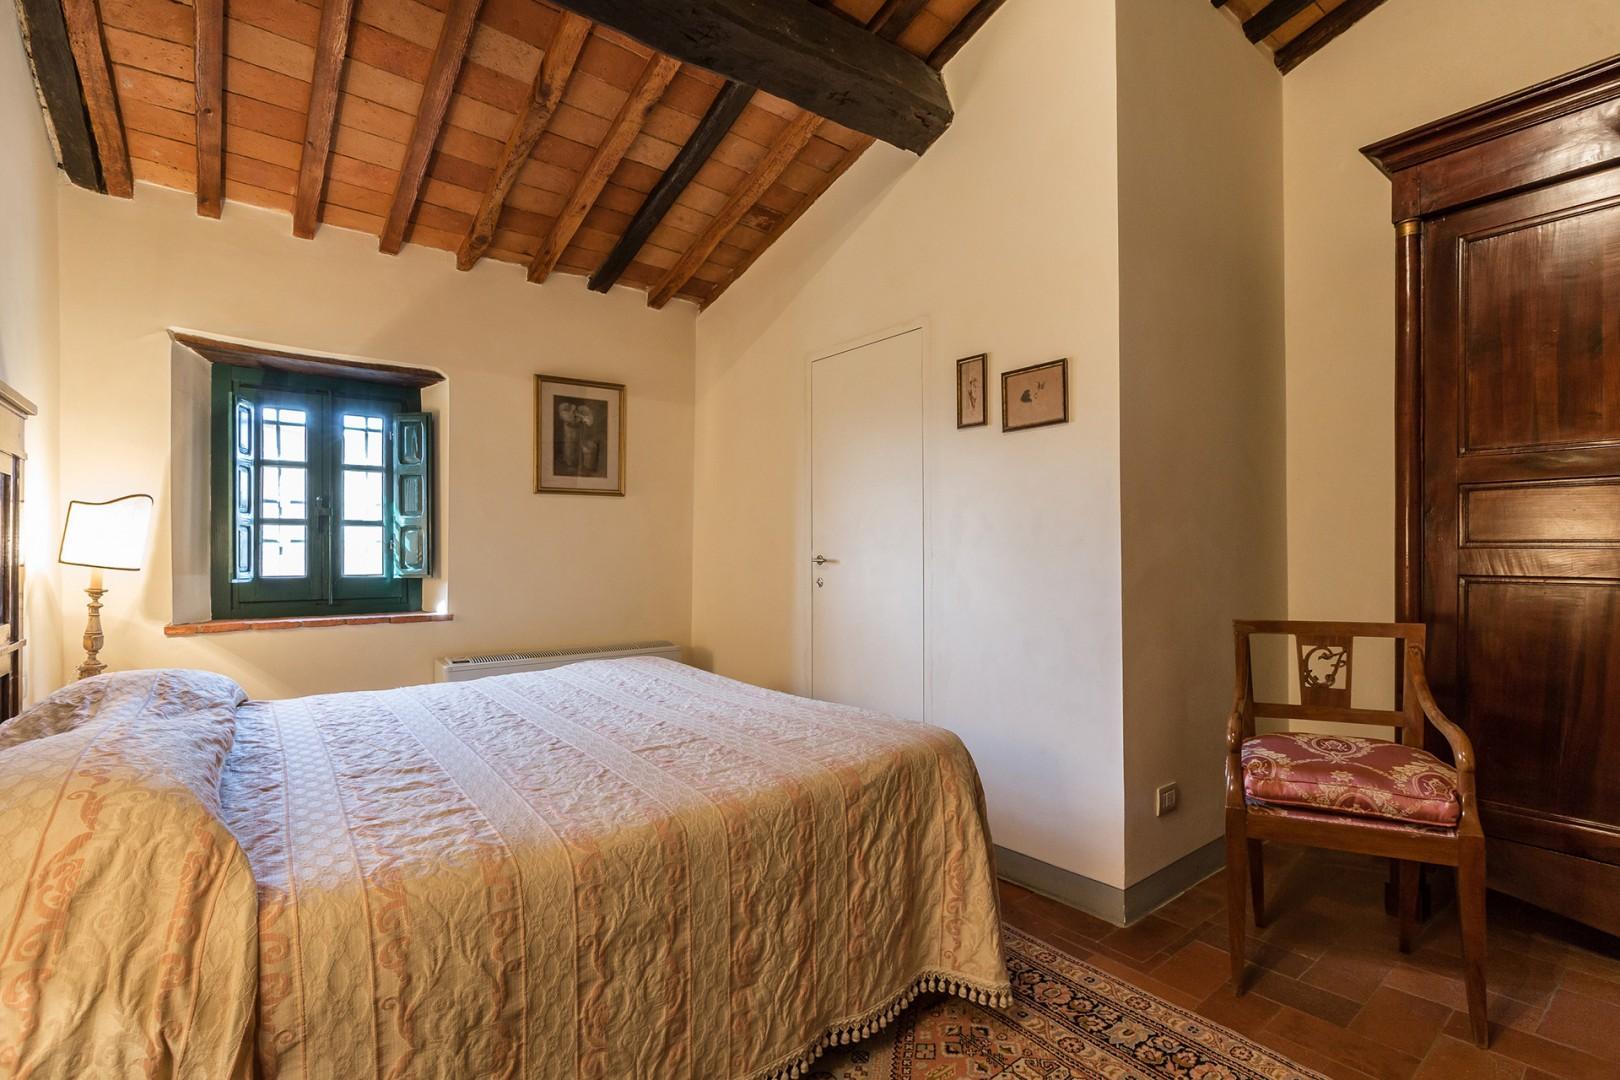 Cozy bedroom 3 with en suite bathroom.